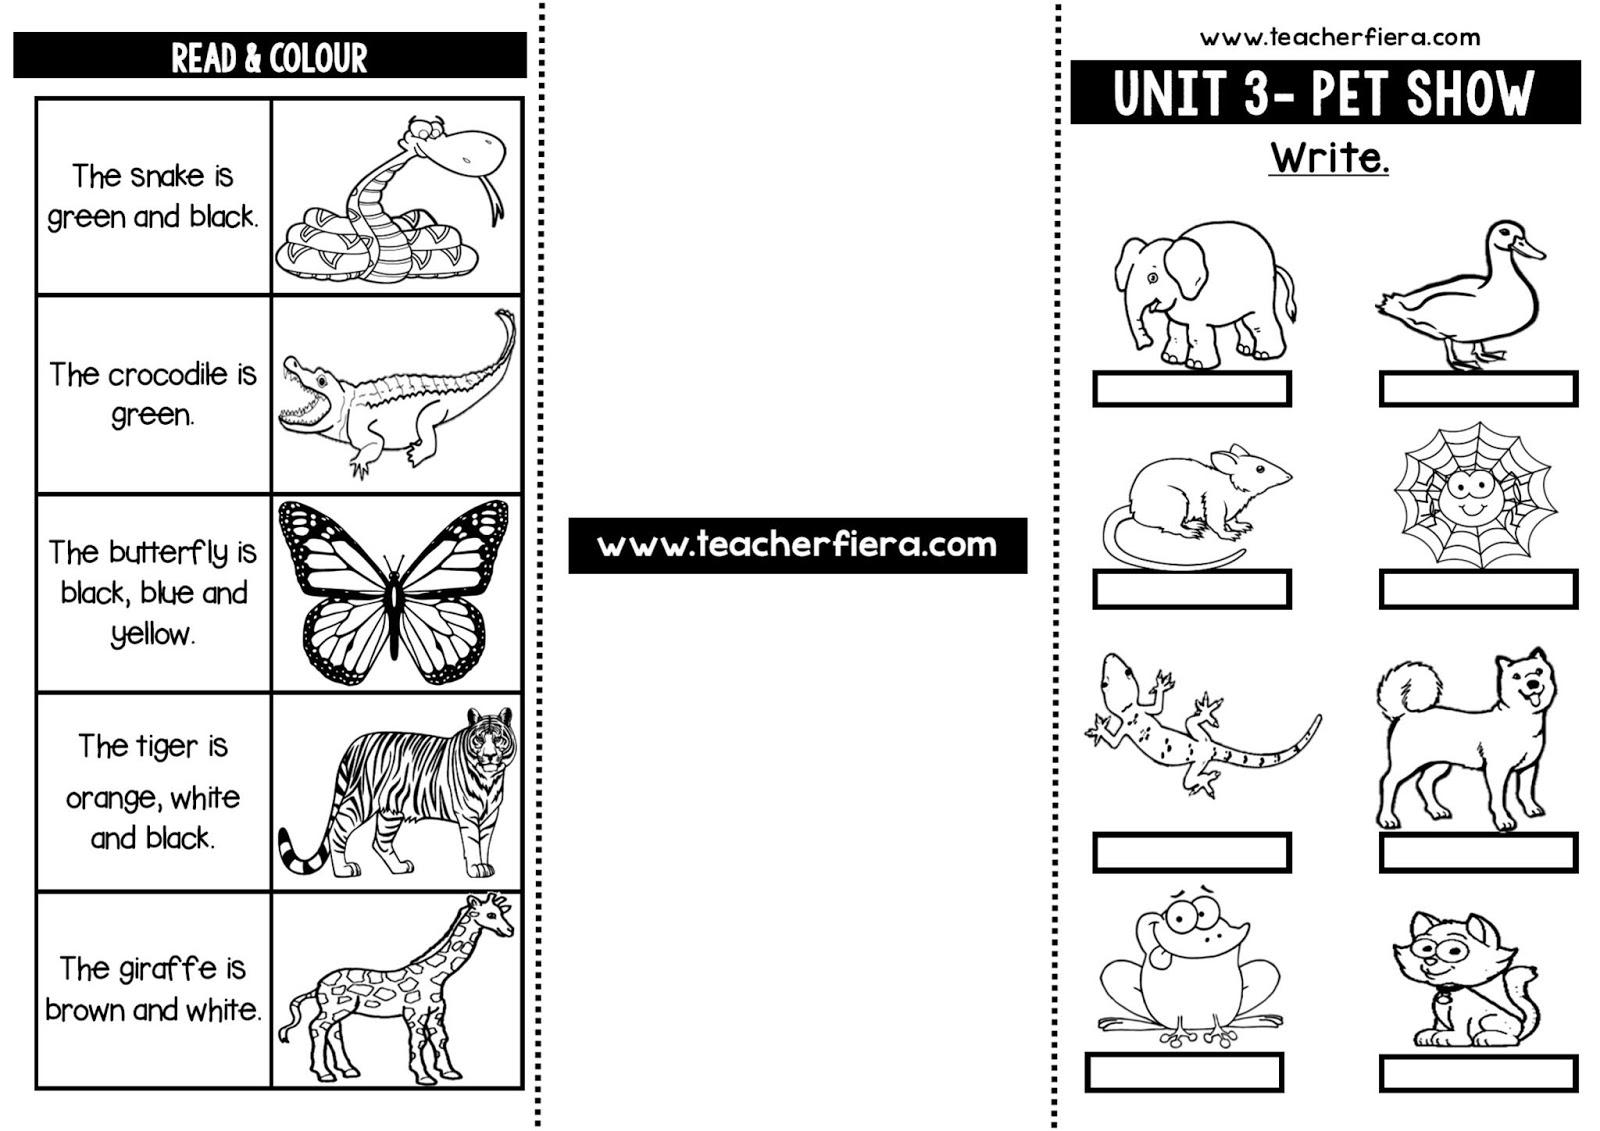 Teacherfiera 06 24